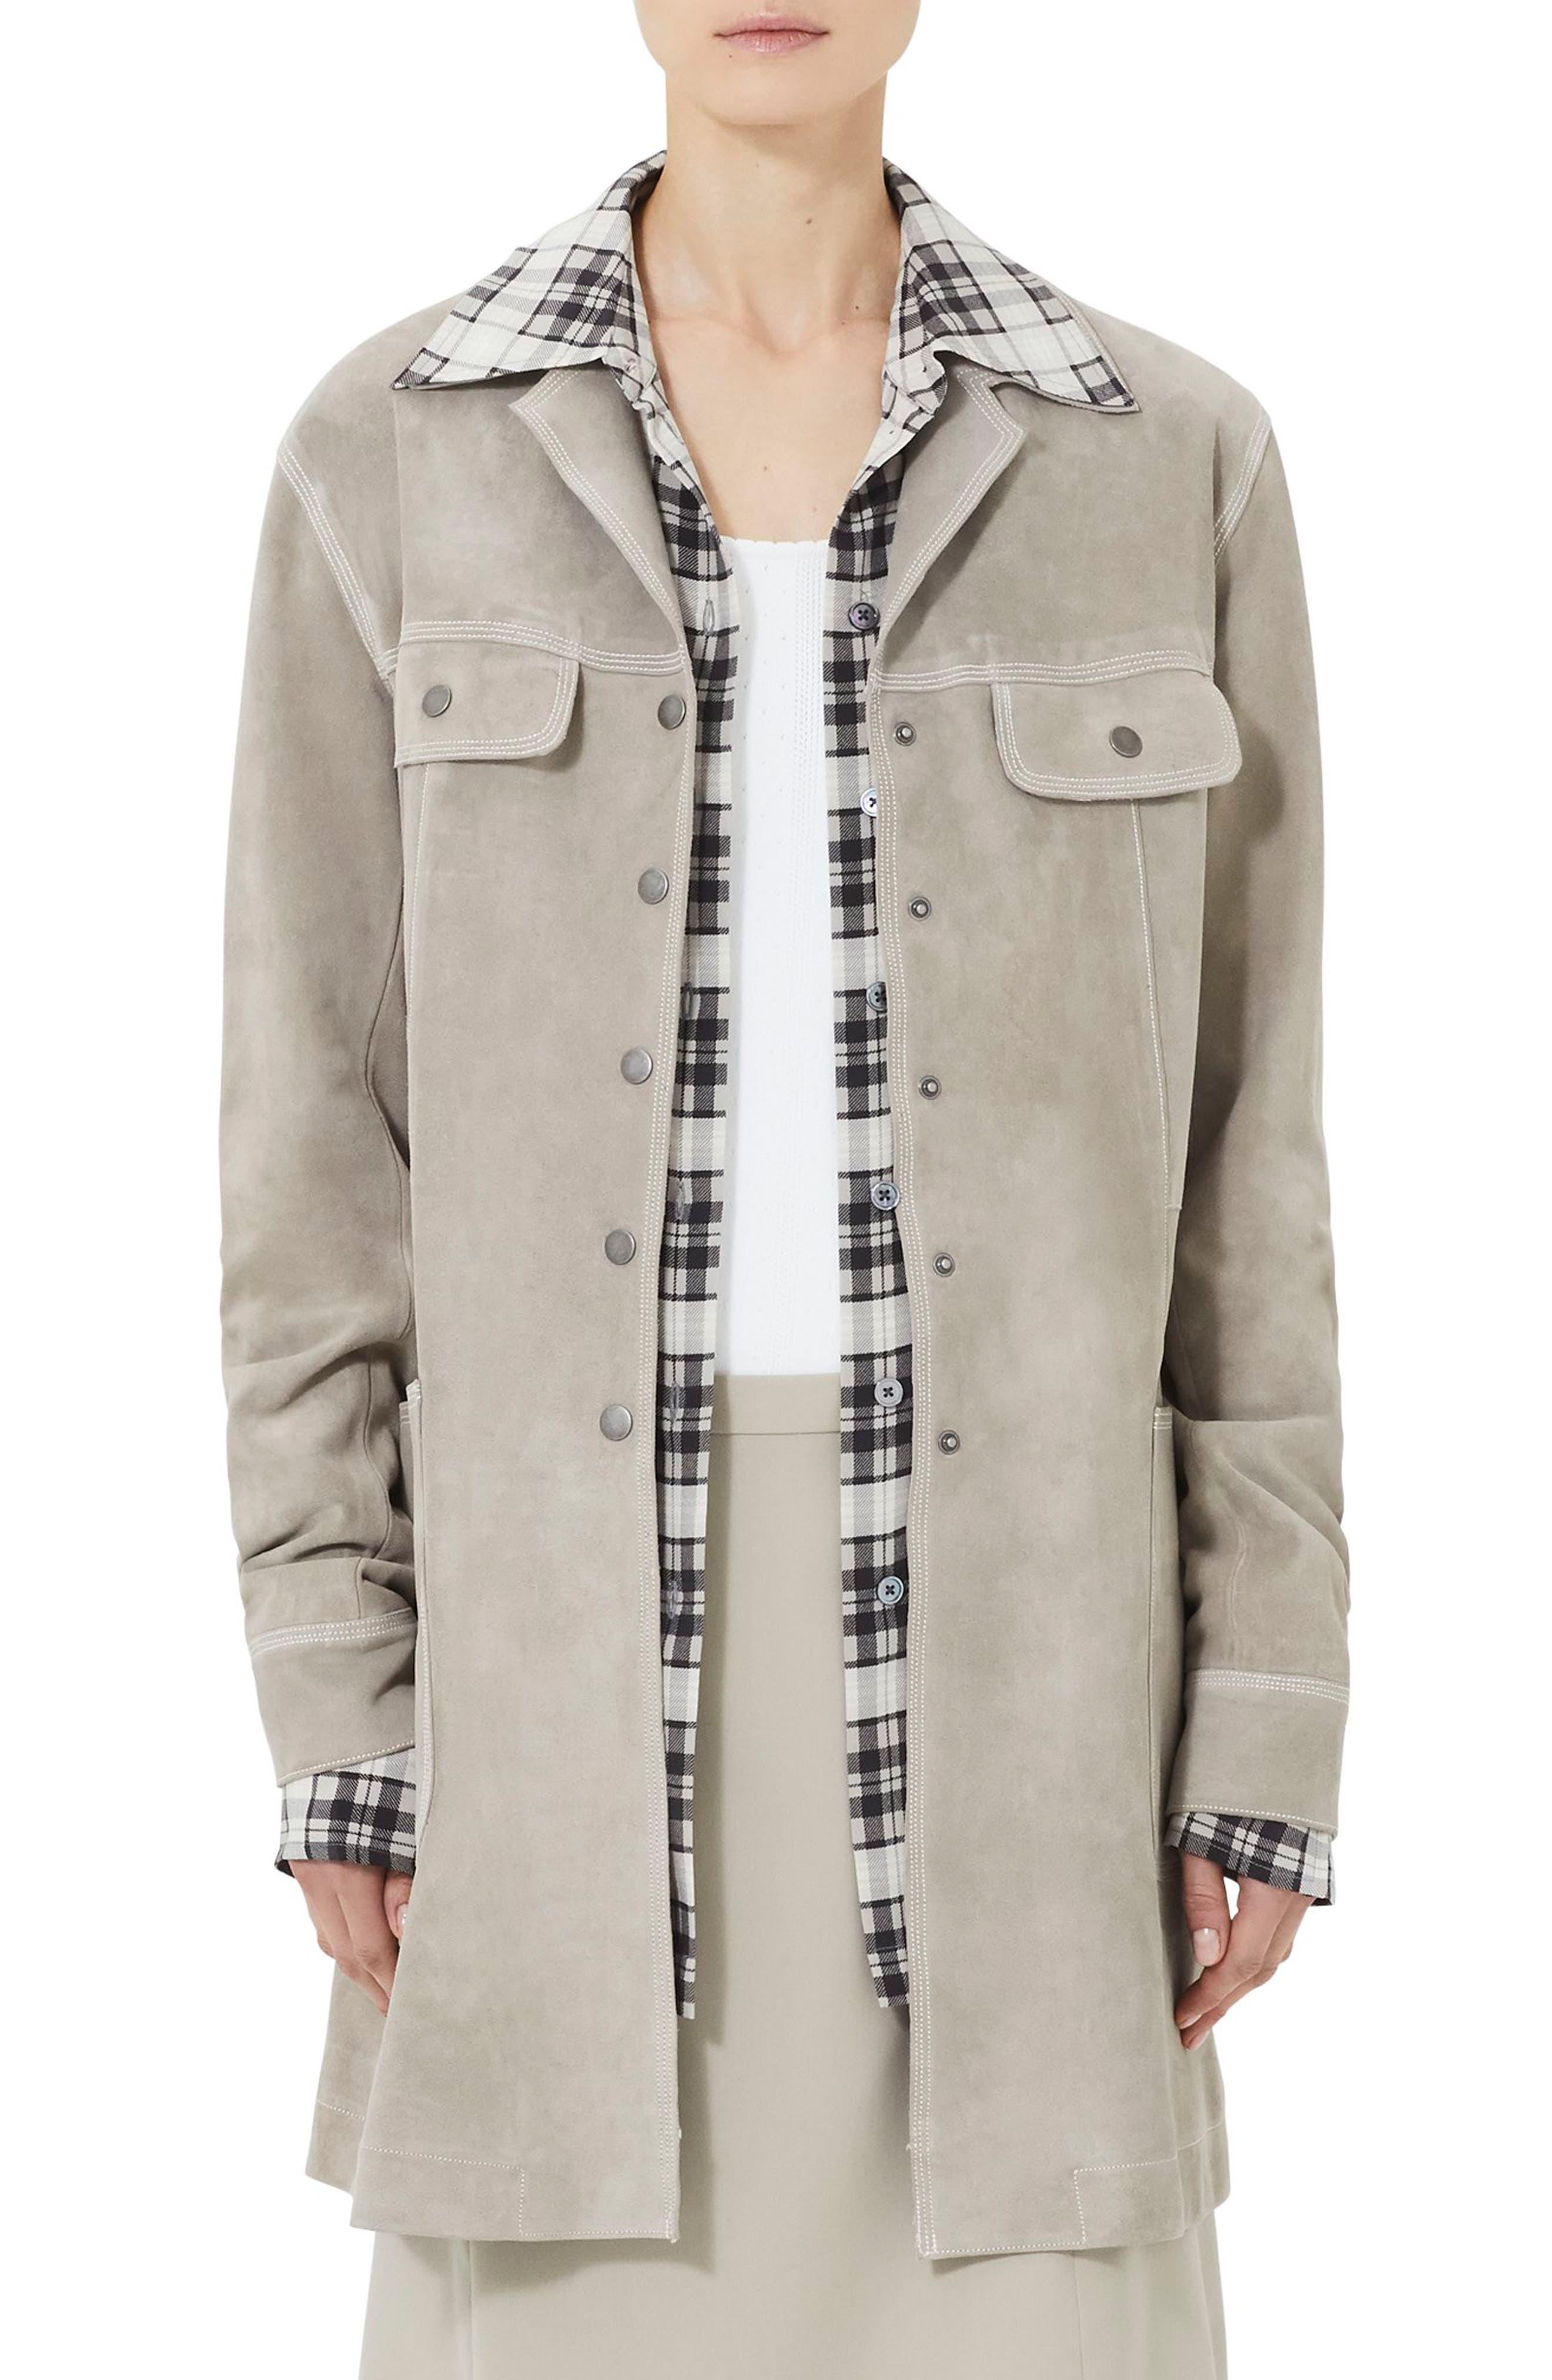 MARC JACOBS Martingale Belt Suede Coat, Main, color, 260